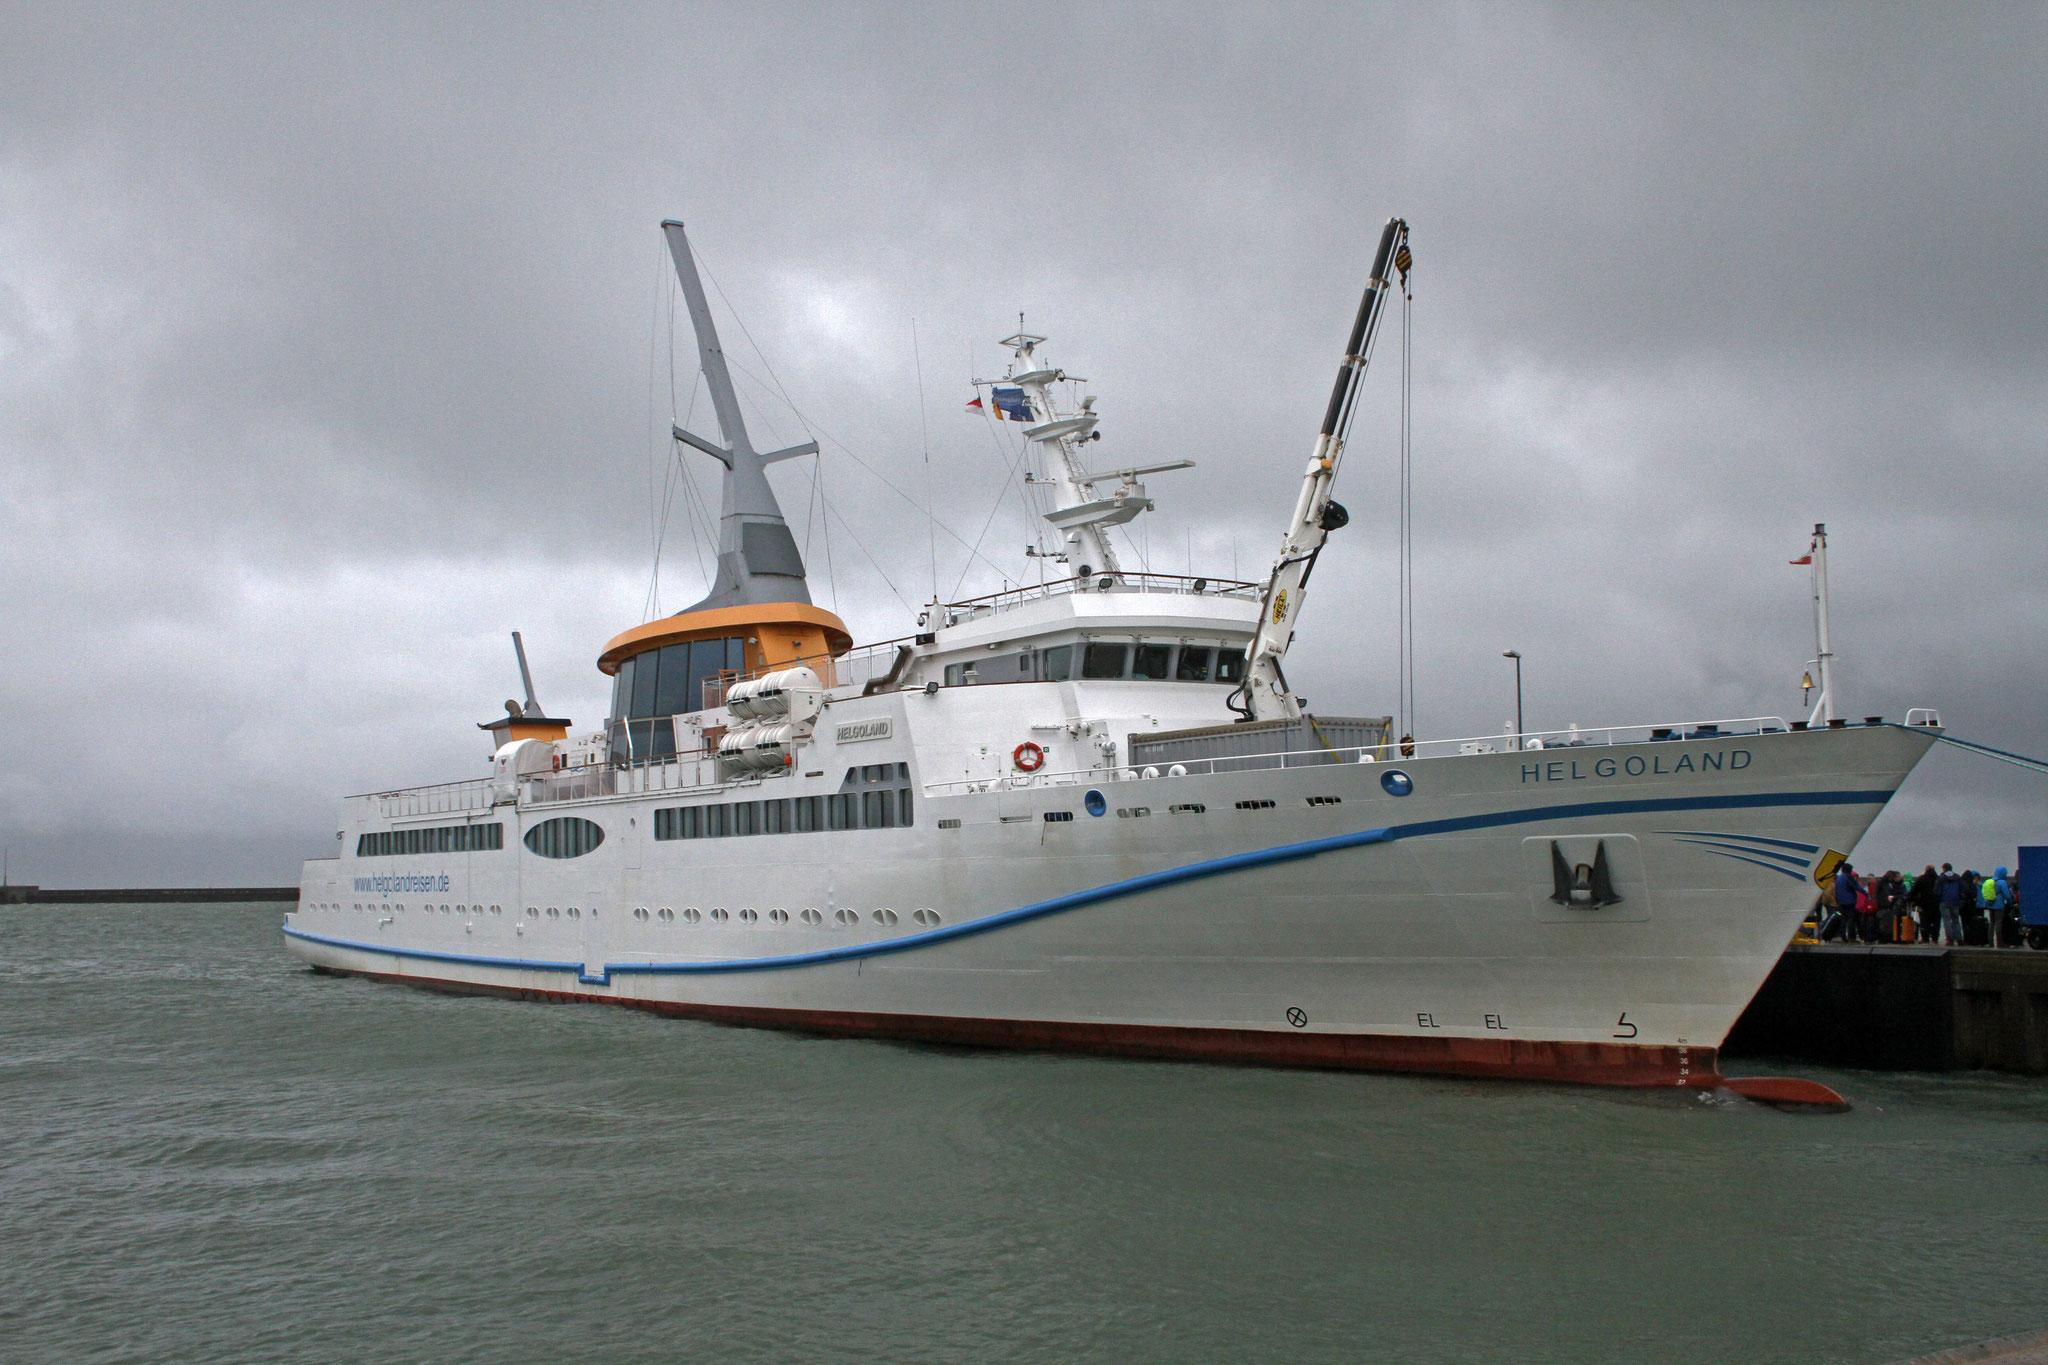 Statt mit dem Halunderjet nach Hamburg, der nicht mehr auslaufen konnte, mussten wir für die Rückreise auf die grosse Fähre nach Cuxhaven ausweichen